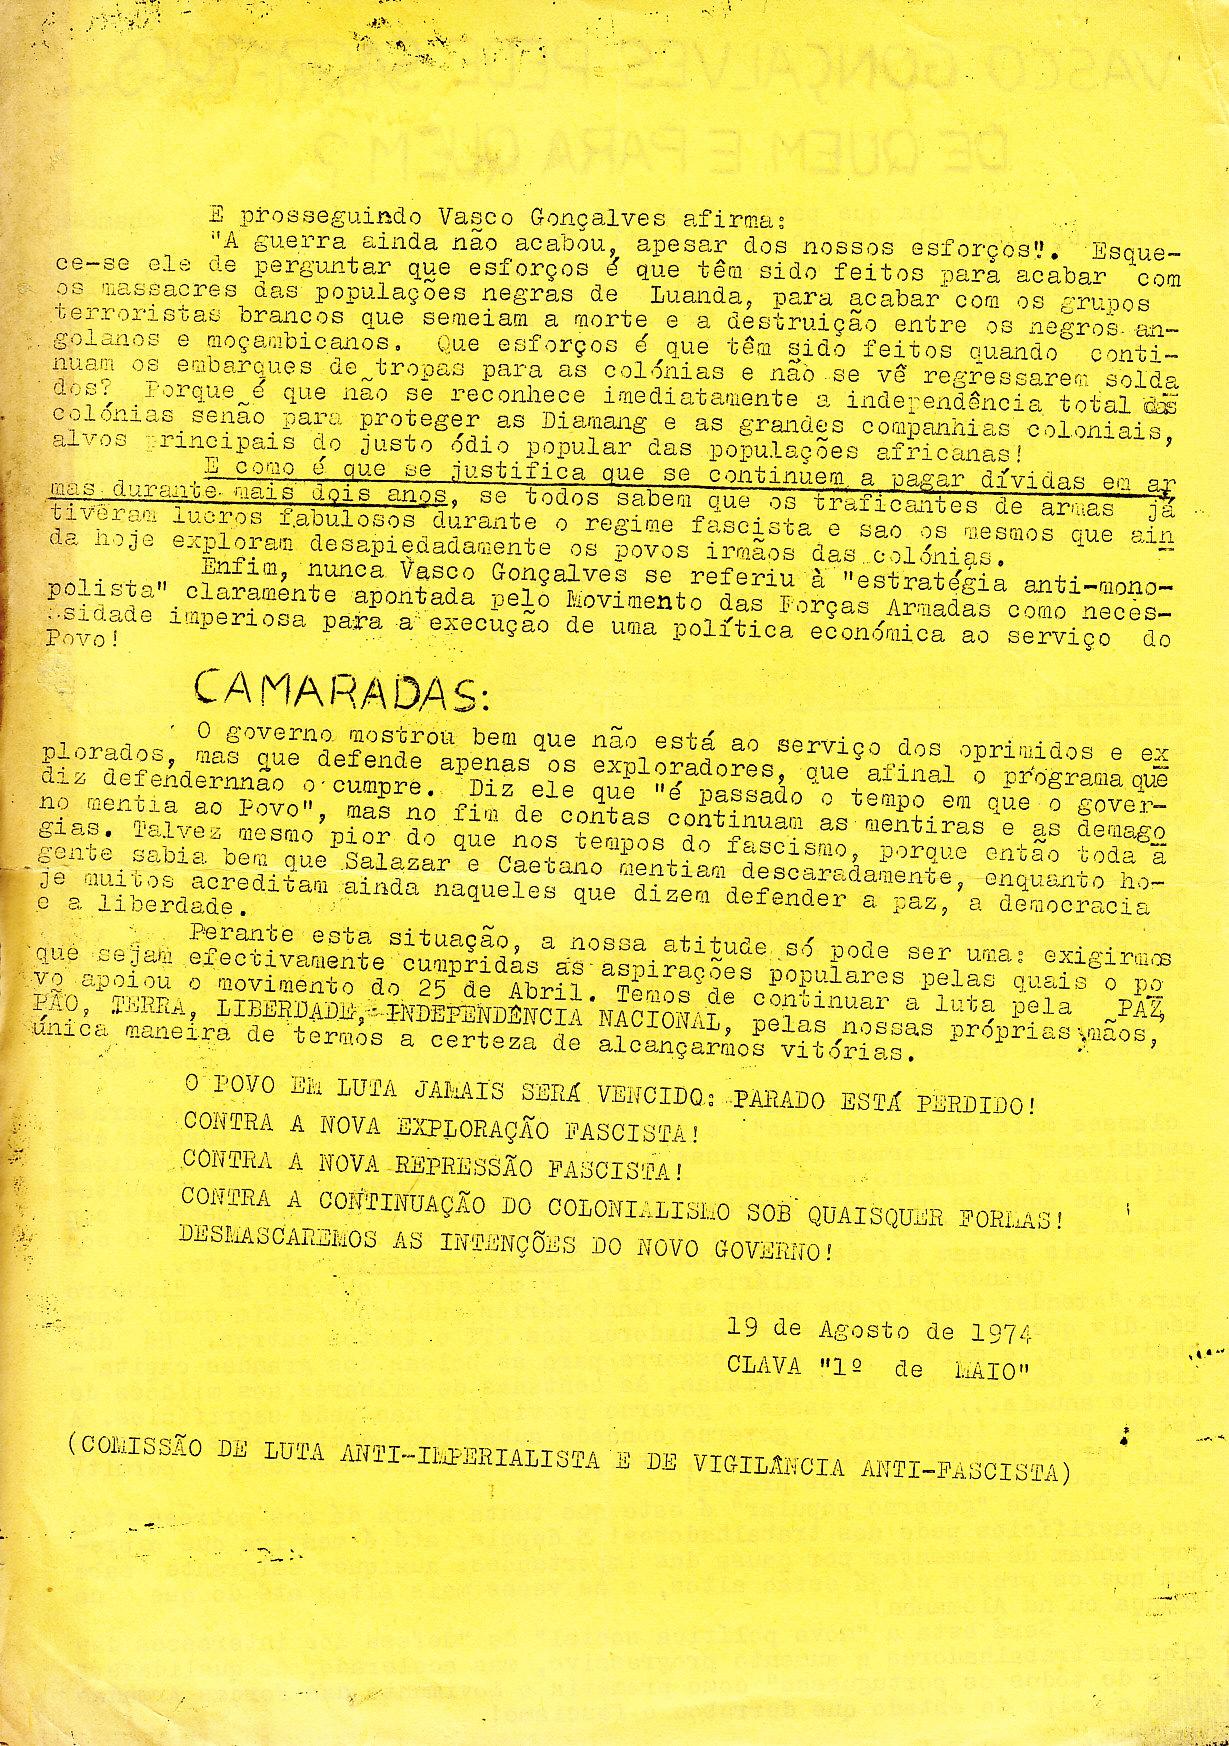 CLAVA_Ago_1974_0002